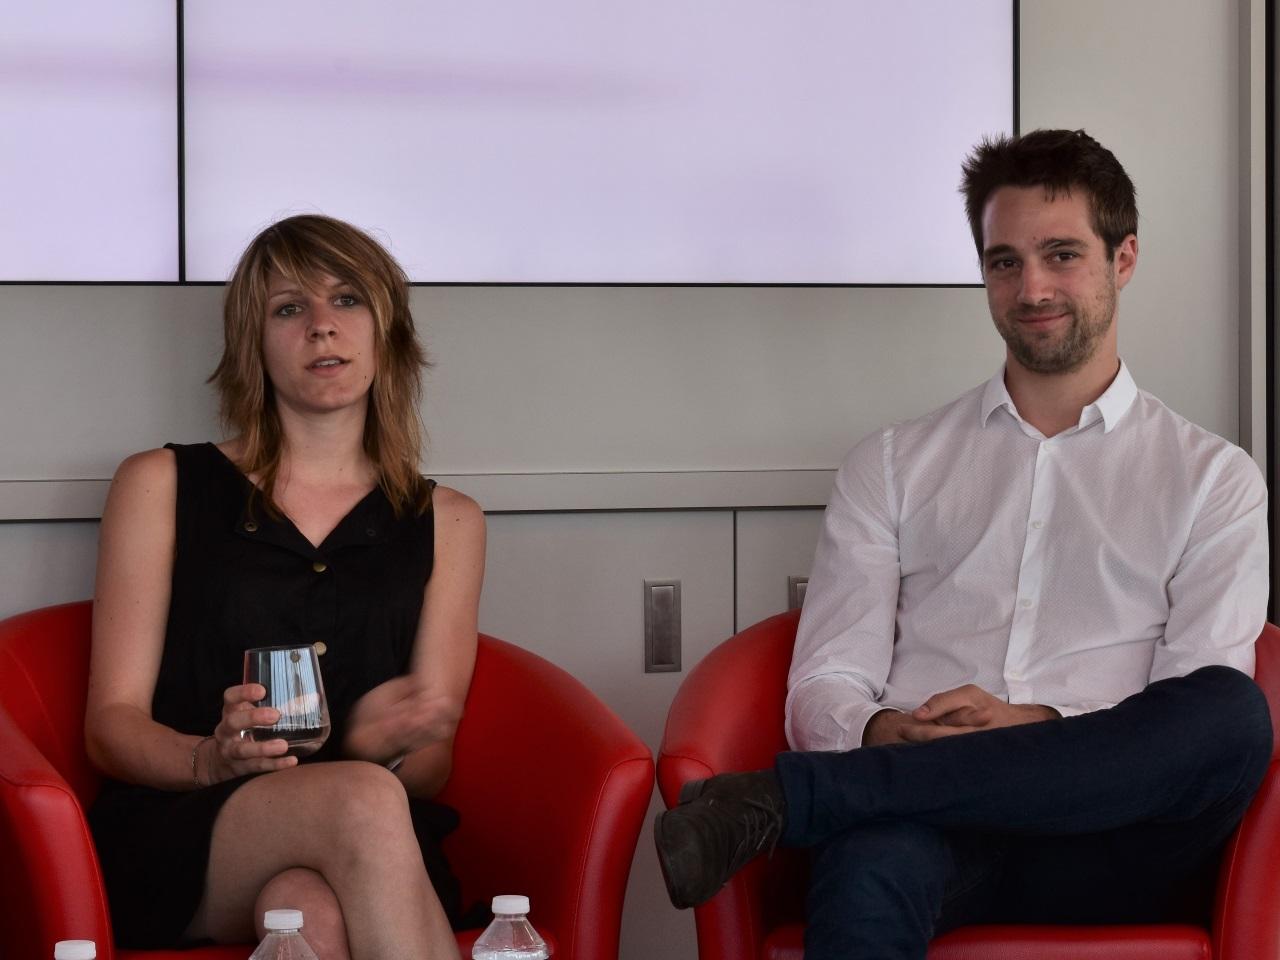 Joanna Faulmeyer et Thomas Dournet, les fondateurs de Kidygo - LyonMag